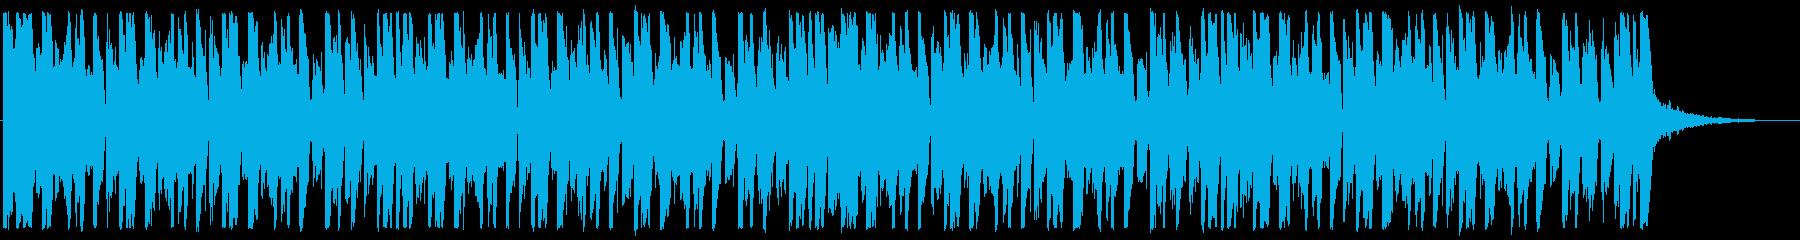 キラキラ/ハウス_No484_5の再生済みの波形